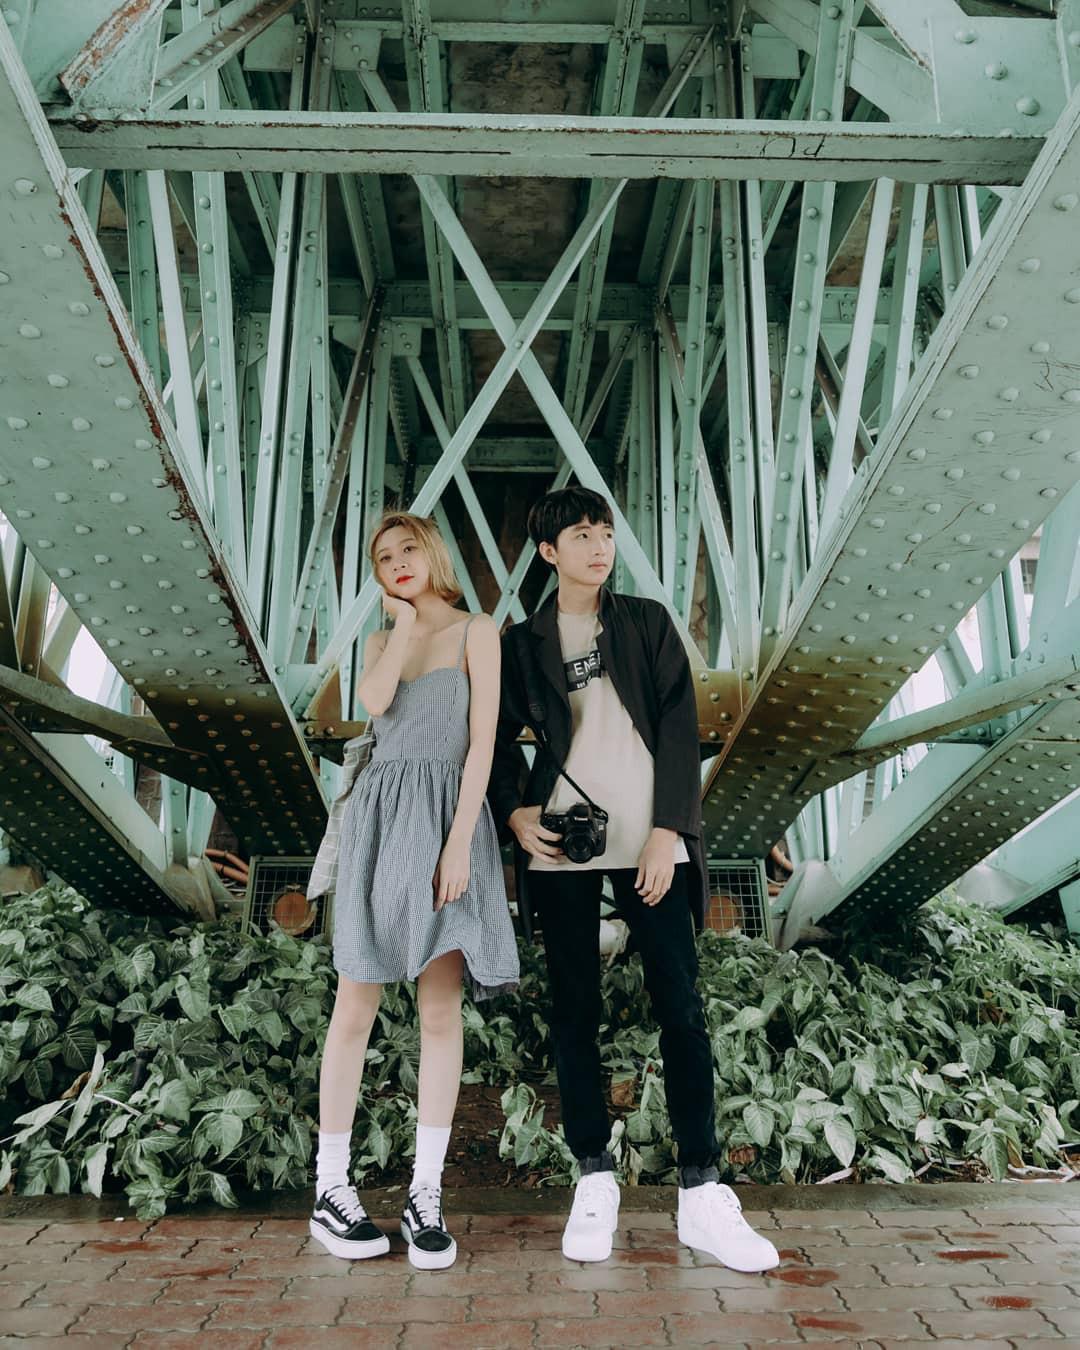 """""""Act cool đứng hình mất 5s"""" trước 8 cây cầu sống ảo đẹp nhất Việt Nam, bạn đã check-in hết chưa? - Ảnh 14."""